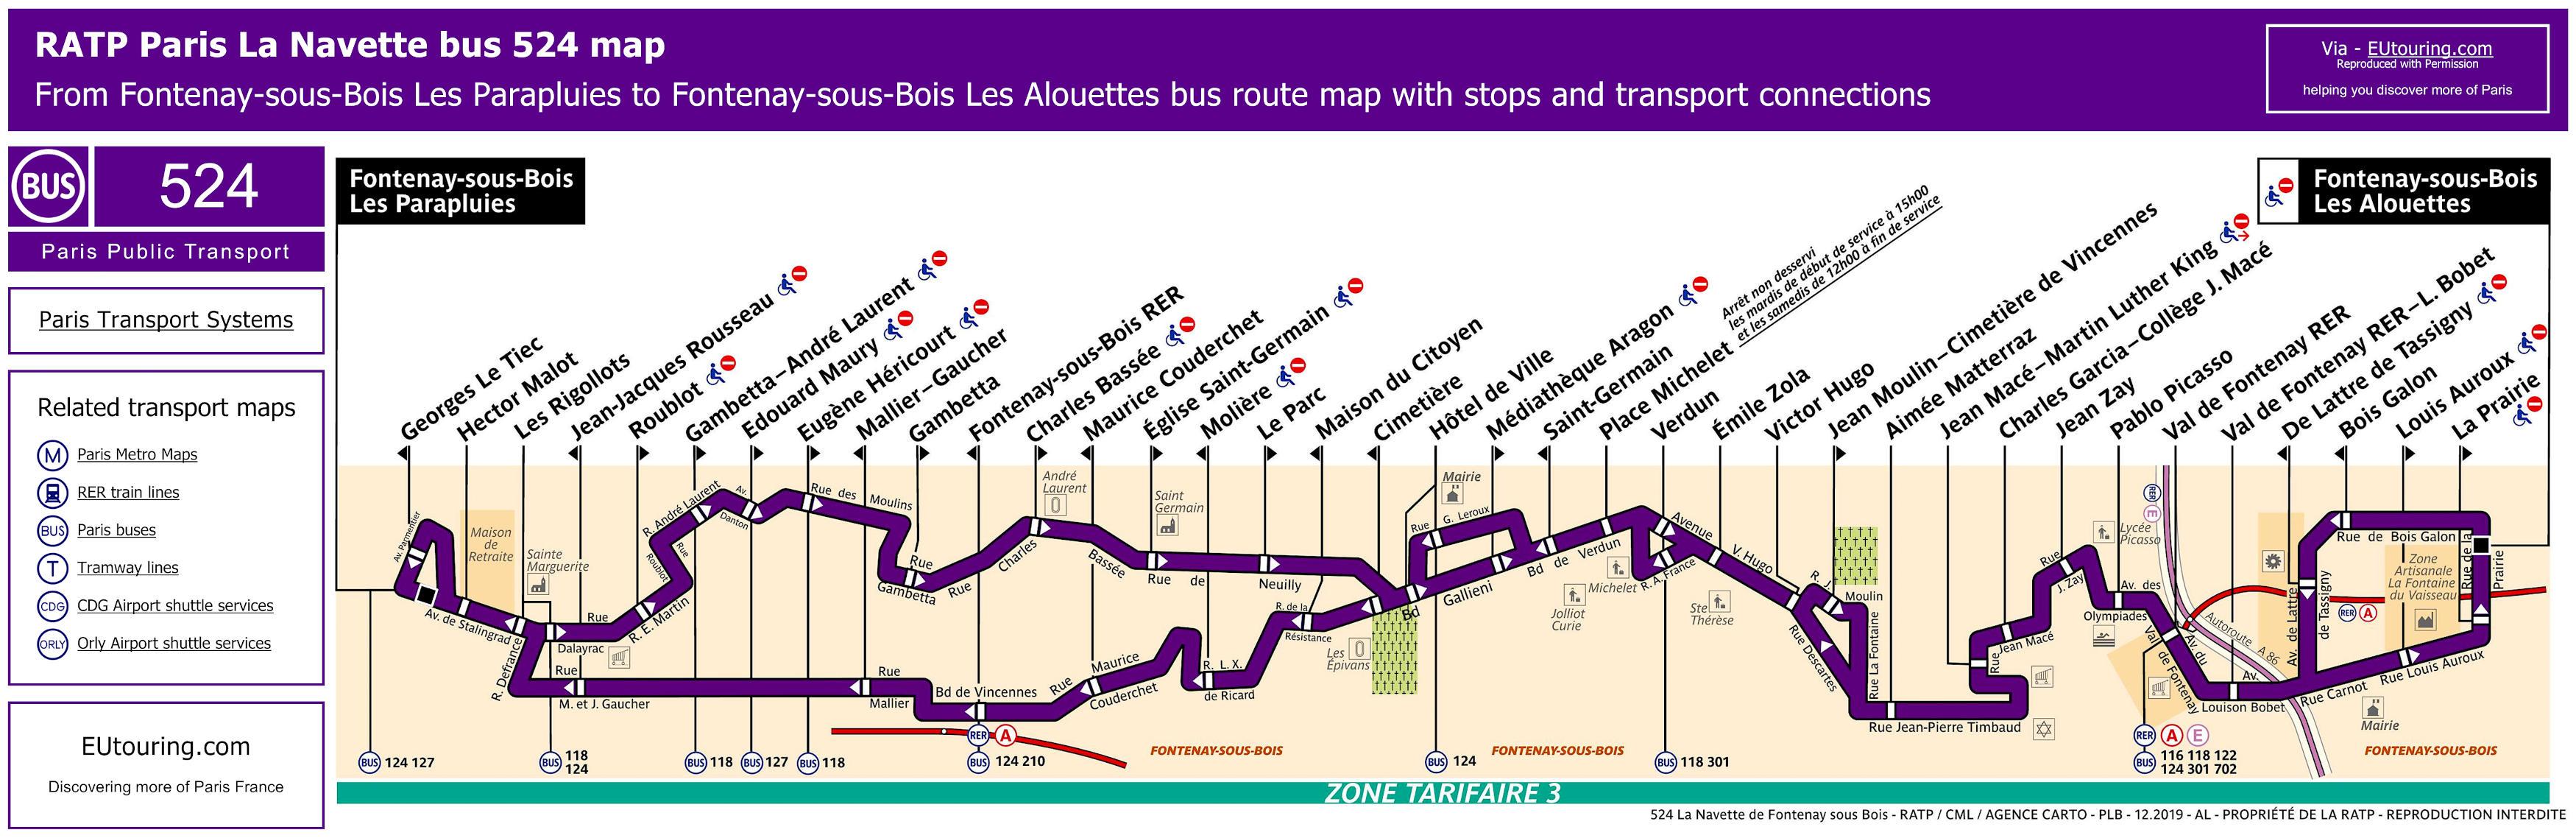 Bibliothèque De Fontenay Sous Bois how to get to chateau de vincennes in paris using public